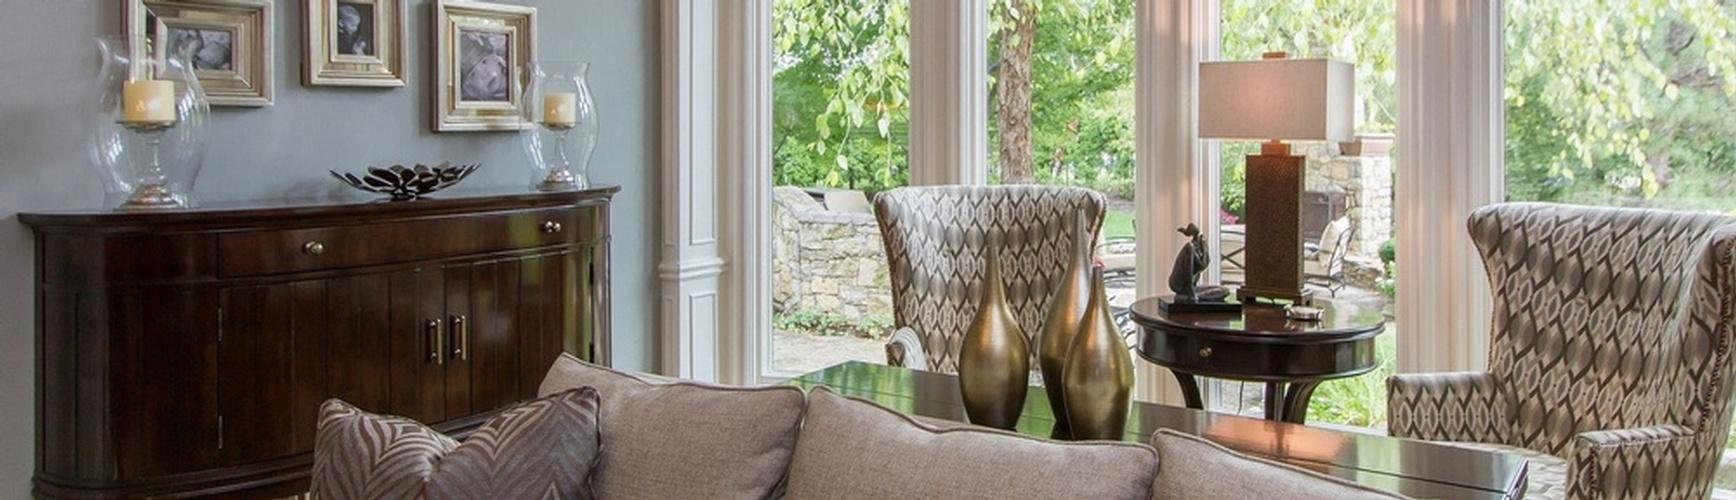 Hallbrook Living Room Remodel Interior Design Overland Park Ks